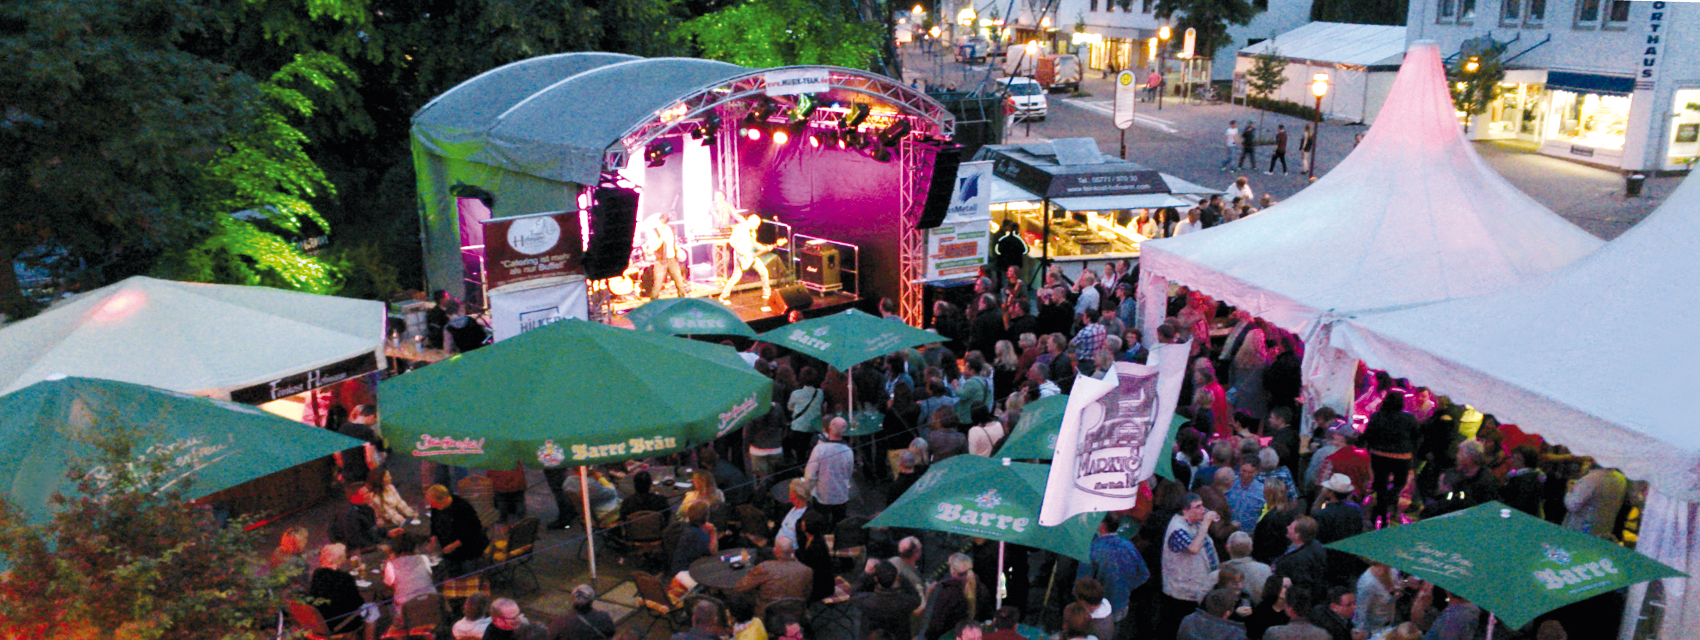 Rahdener Stadtfest